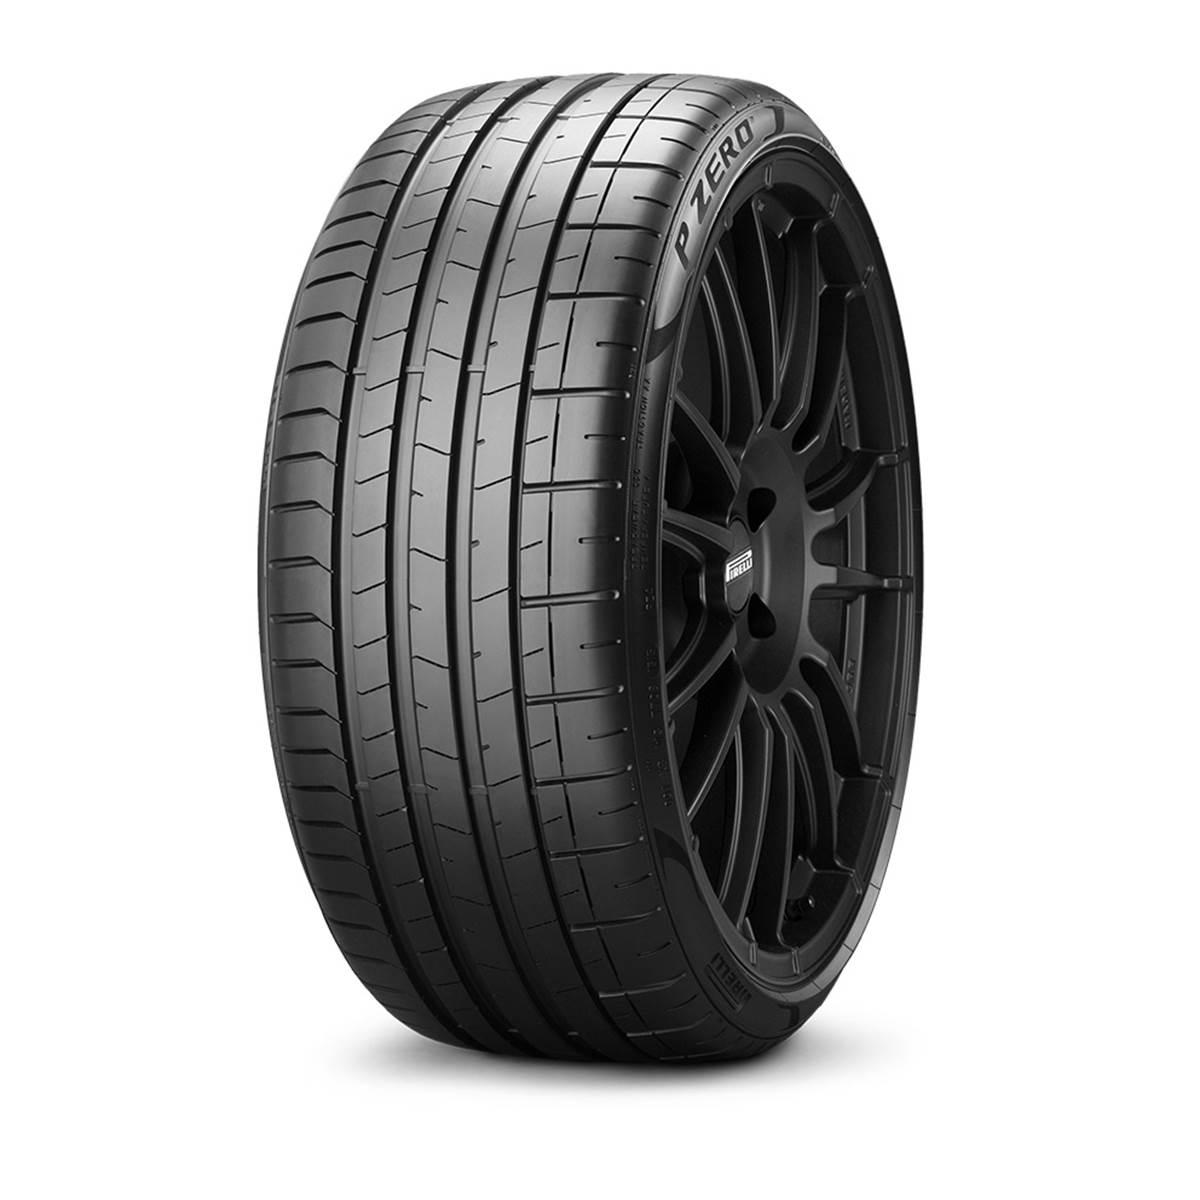 Pneu Pirelli 235/45R17 97Y Pzero XL